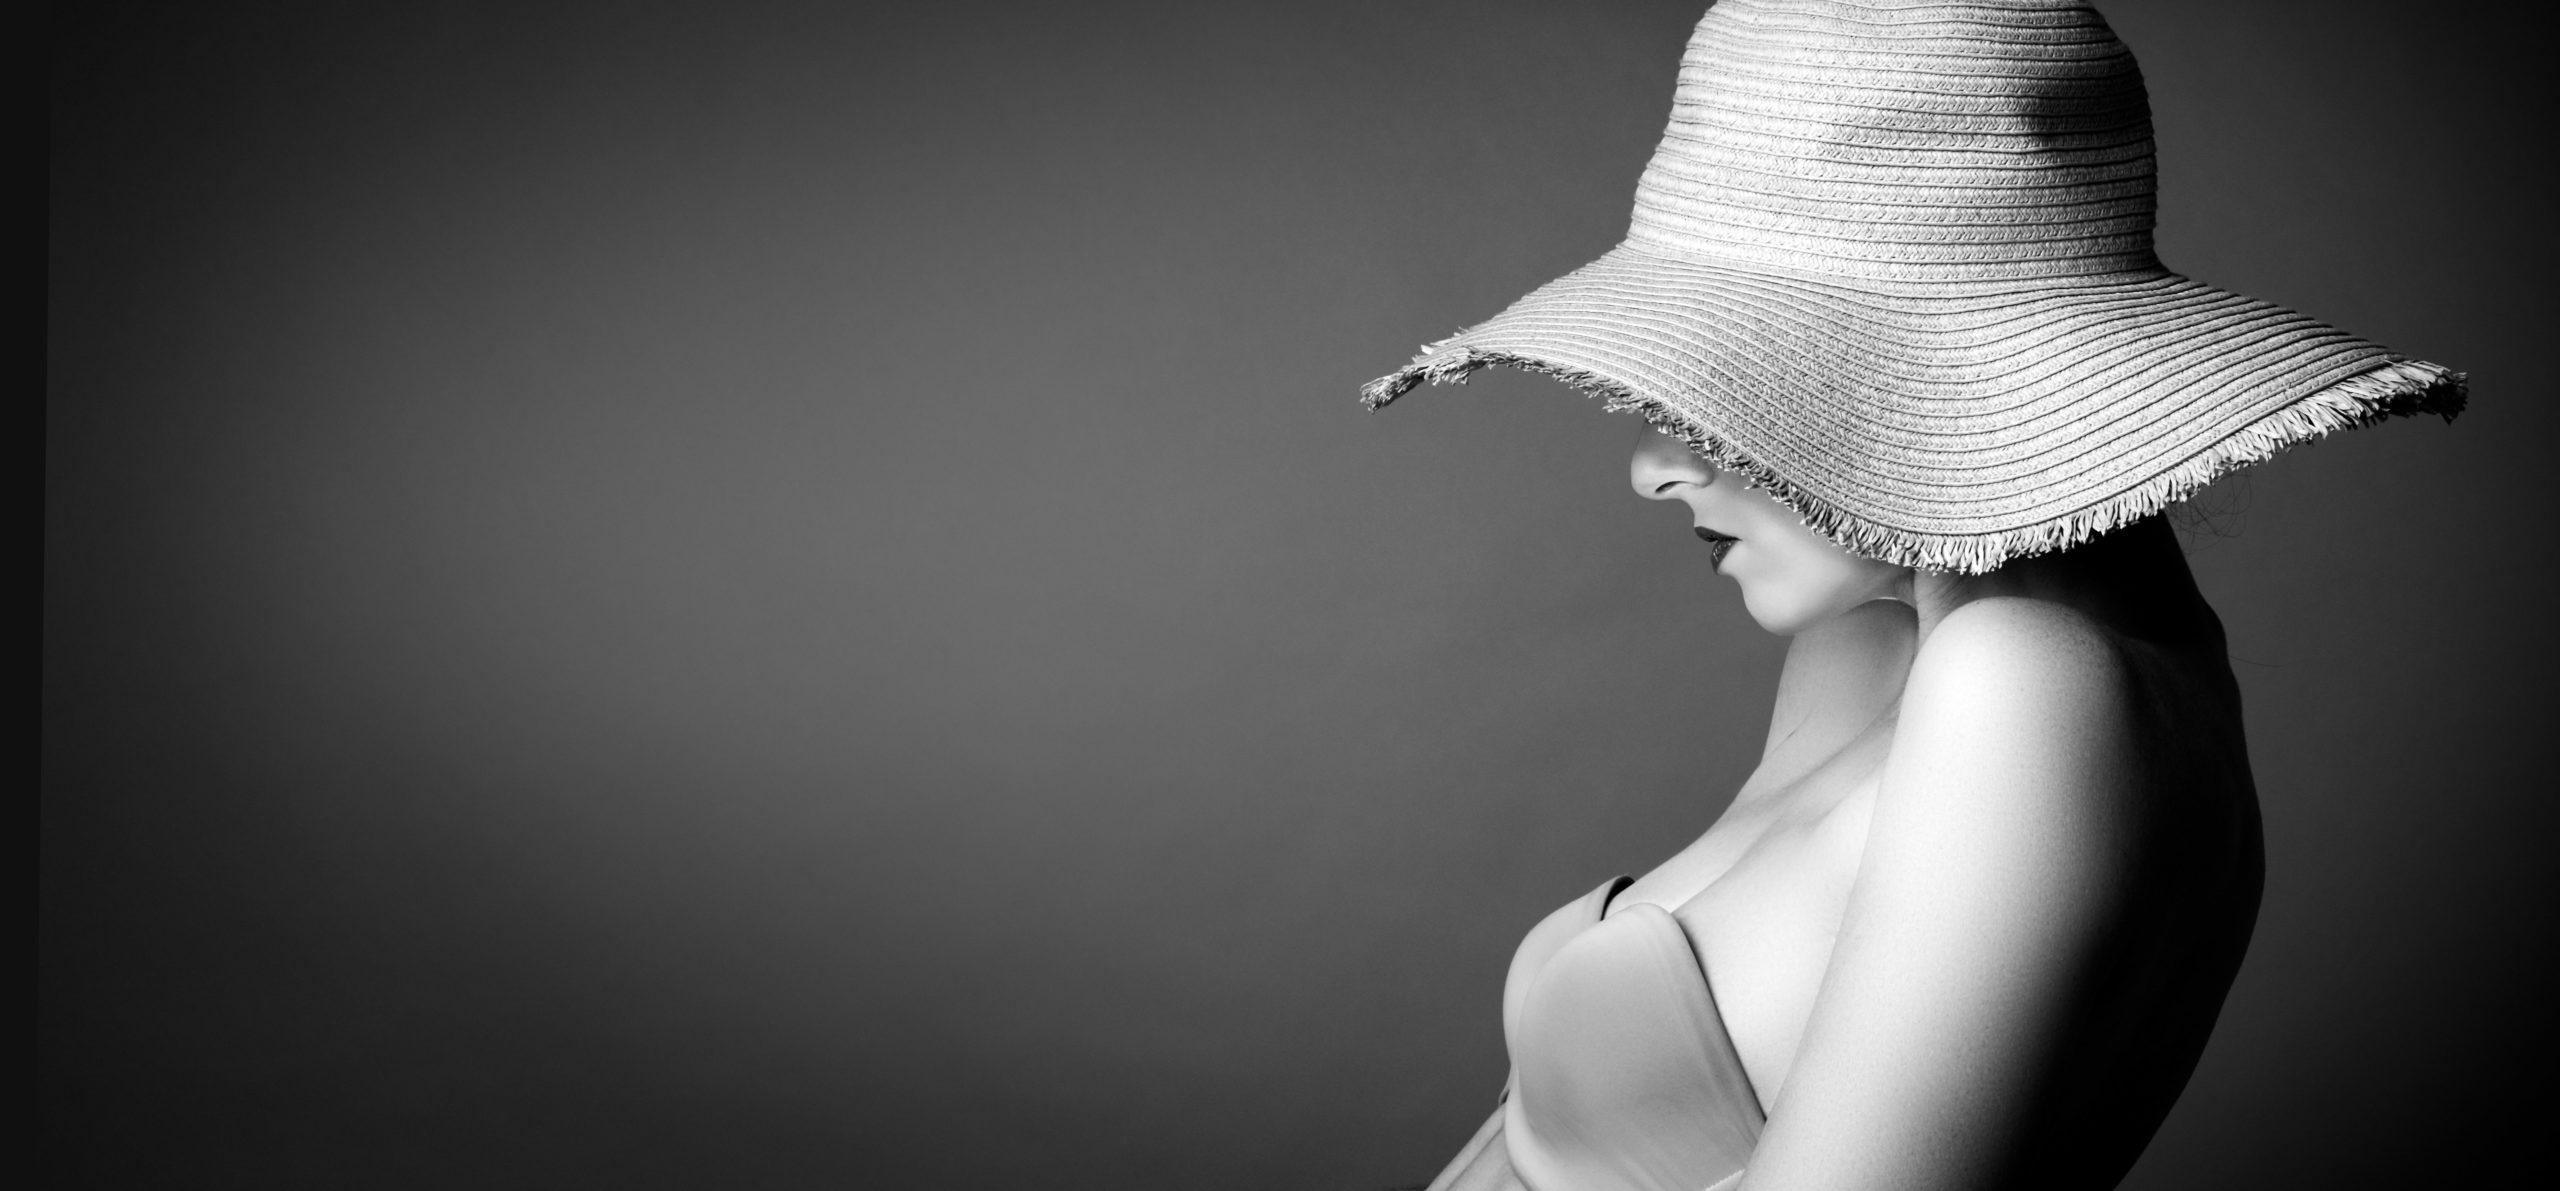 Kathrin Brawand Photography background image